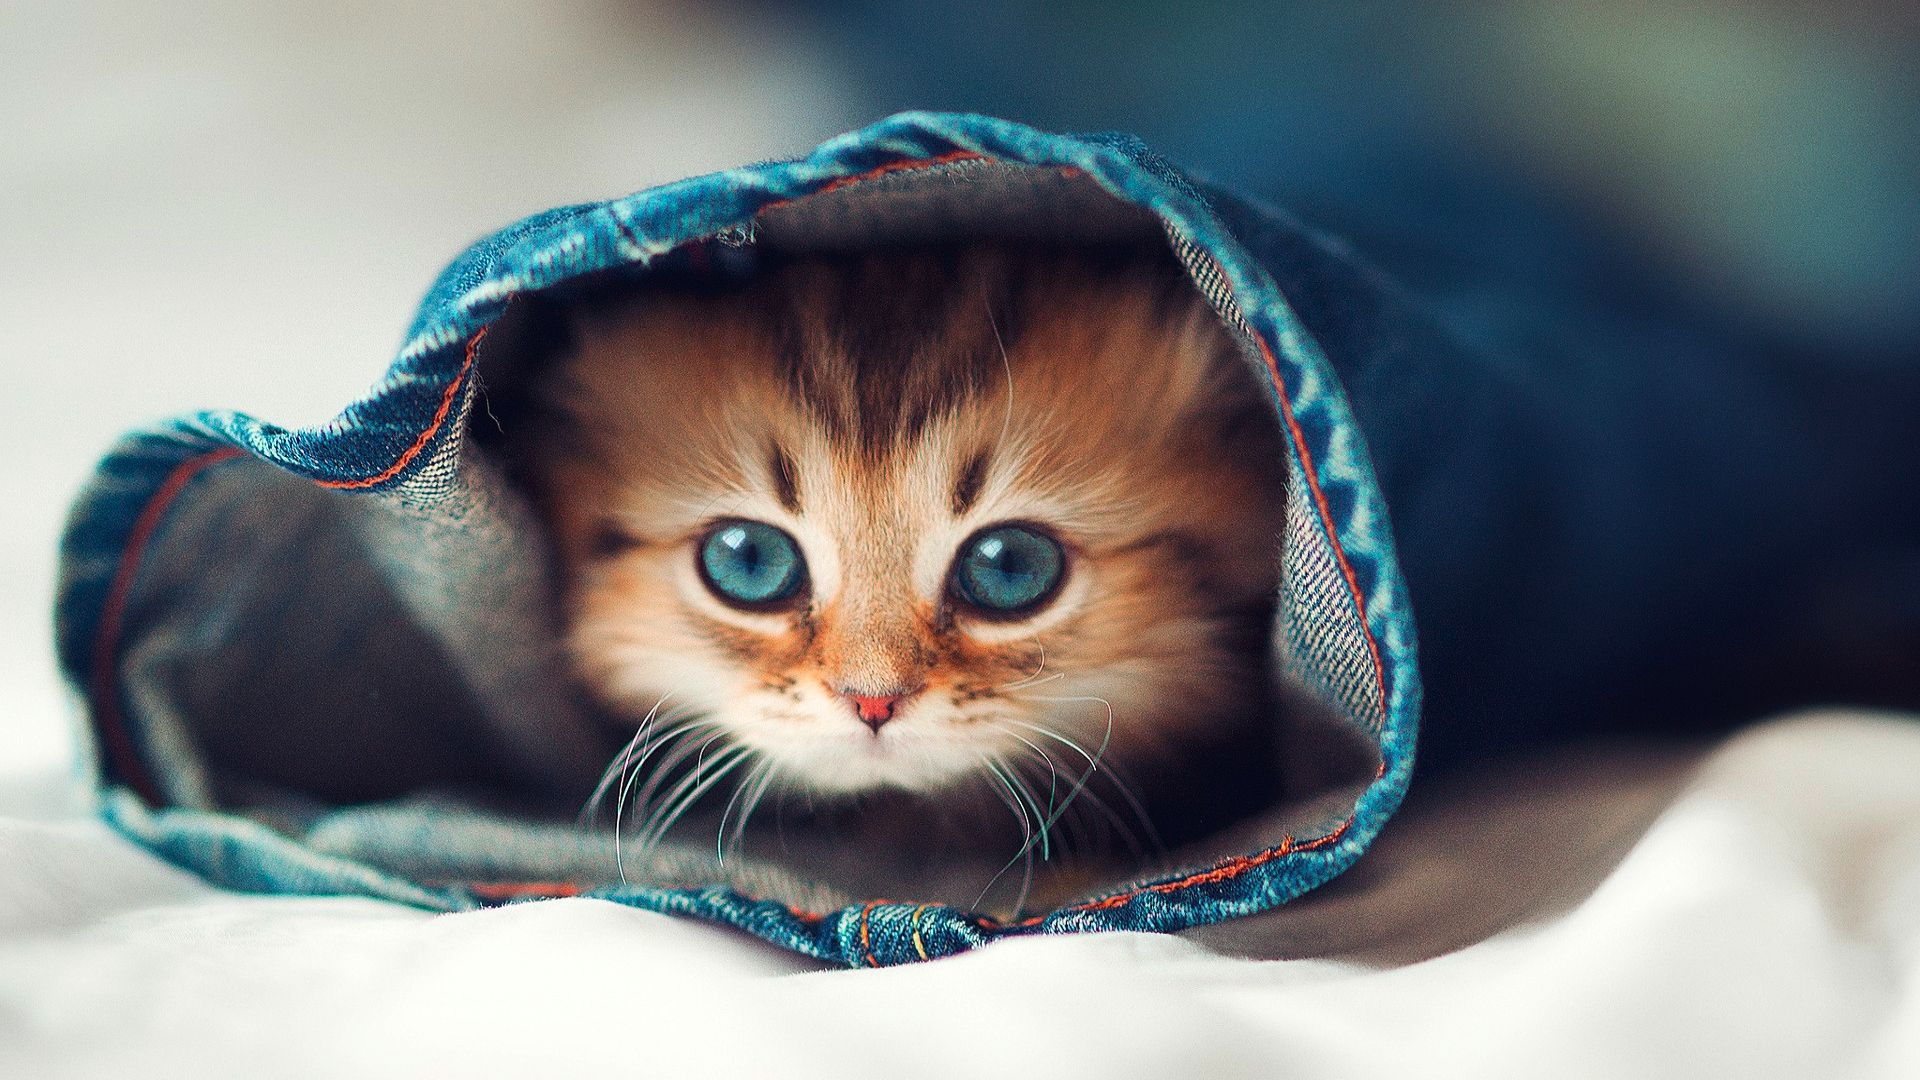 Cat Desktop Wallpapers Top Free Cat Desktop Backgrounds Wallpaperaccess